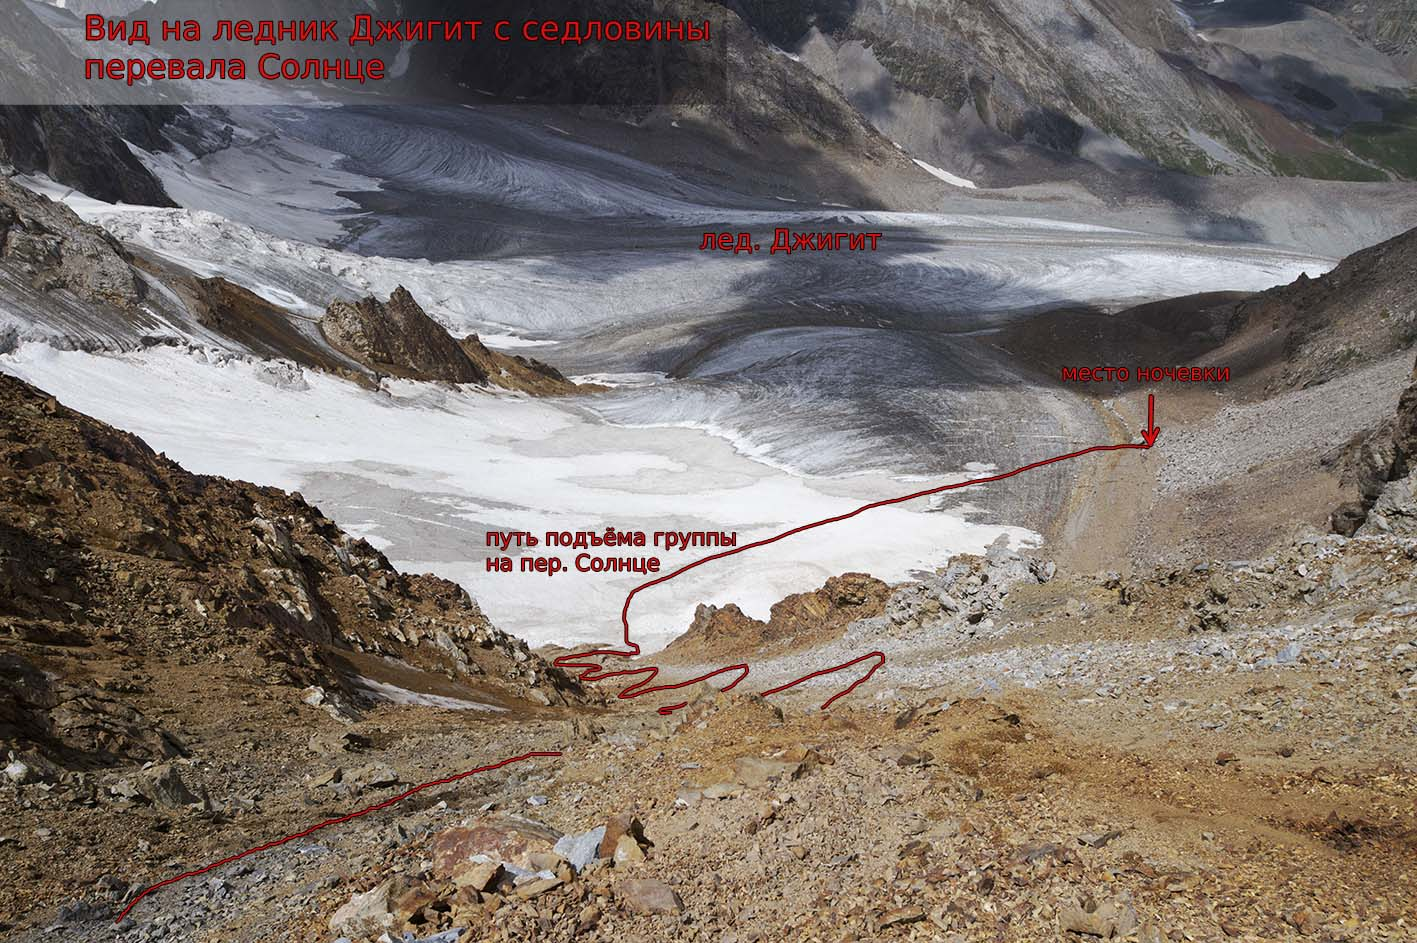 Вид с перевальной седловины на западный склон пер. Солнце (1Б, 4415 м) и ледник Джигит